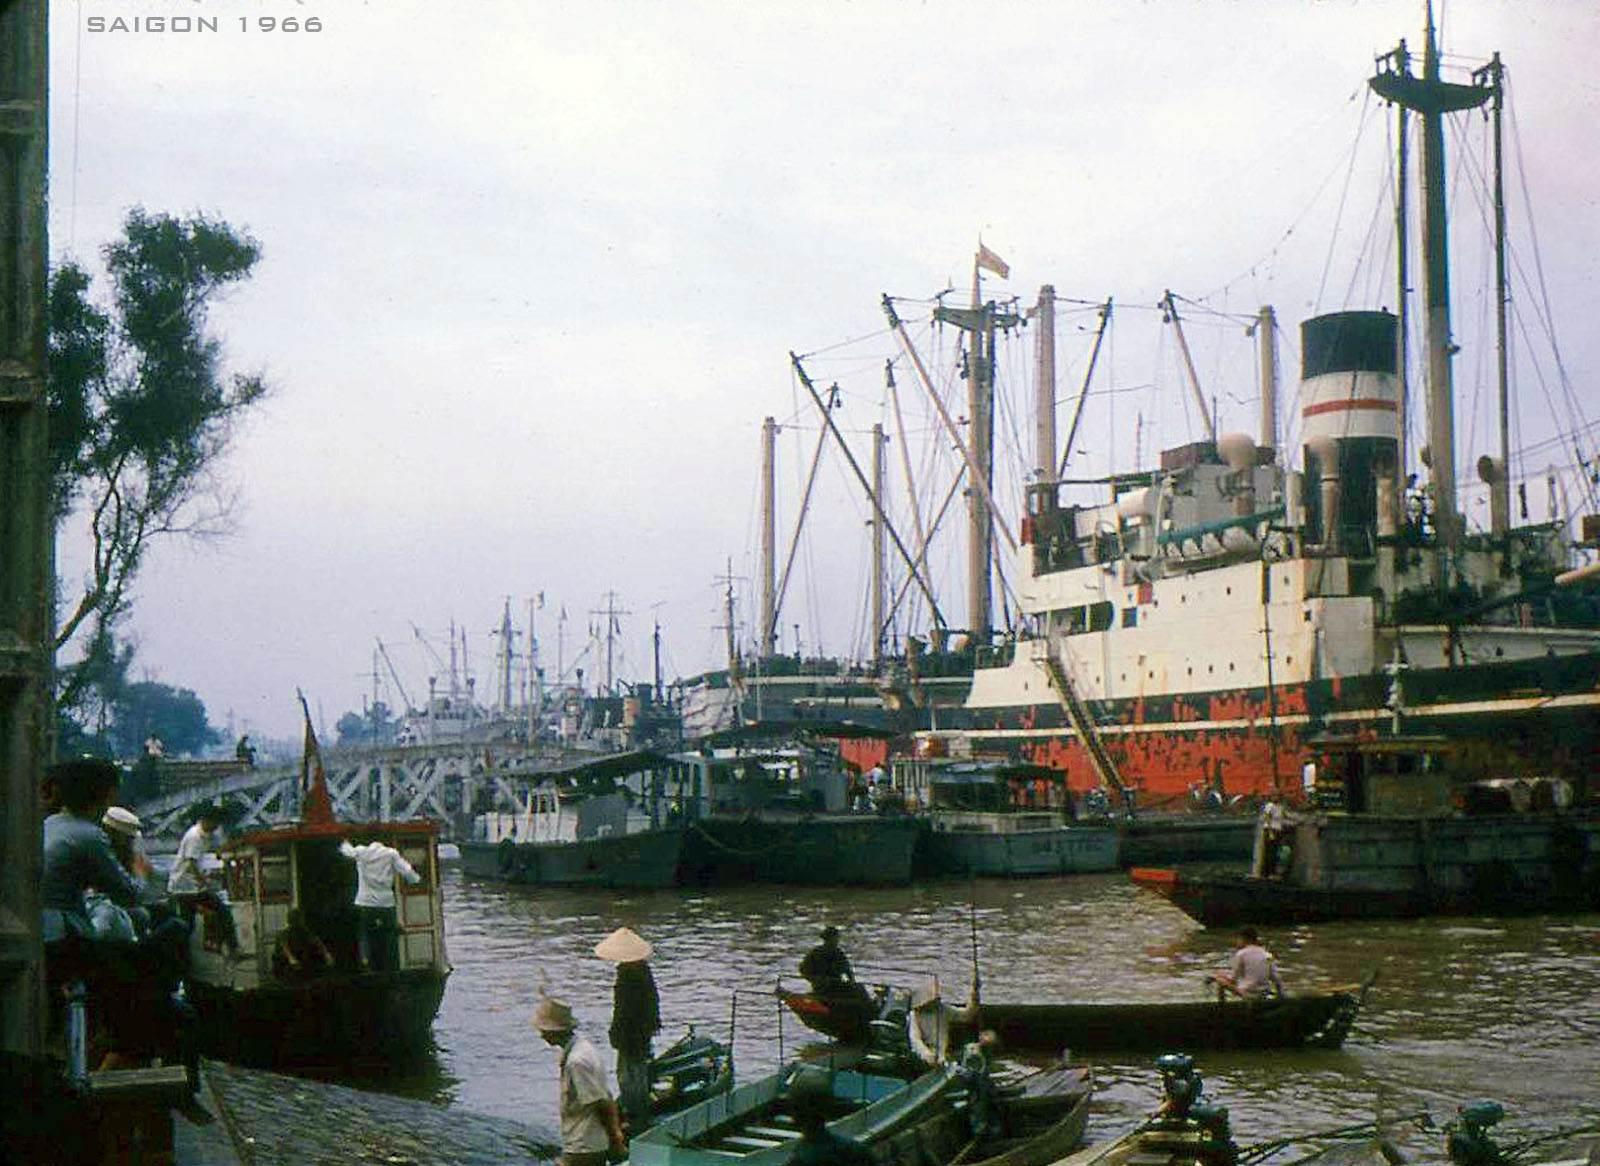 Thuyền tàu neo đậu trên sông Sài Gòn ở Bến Bạch Đằng